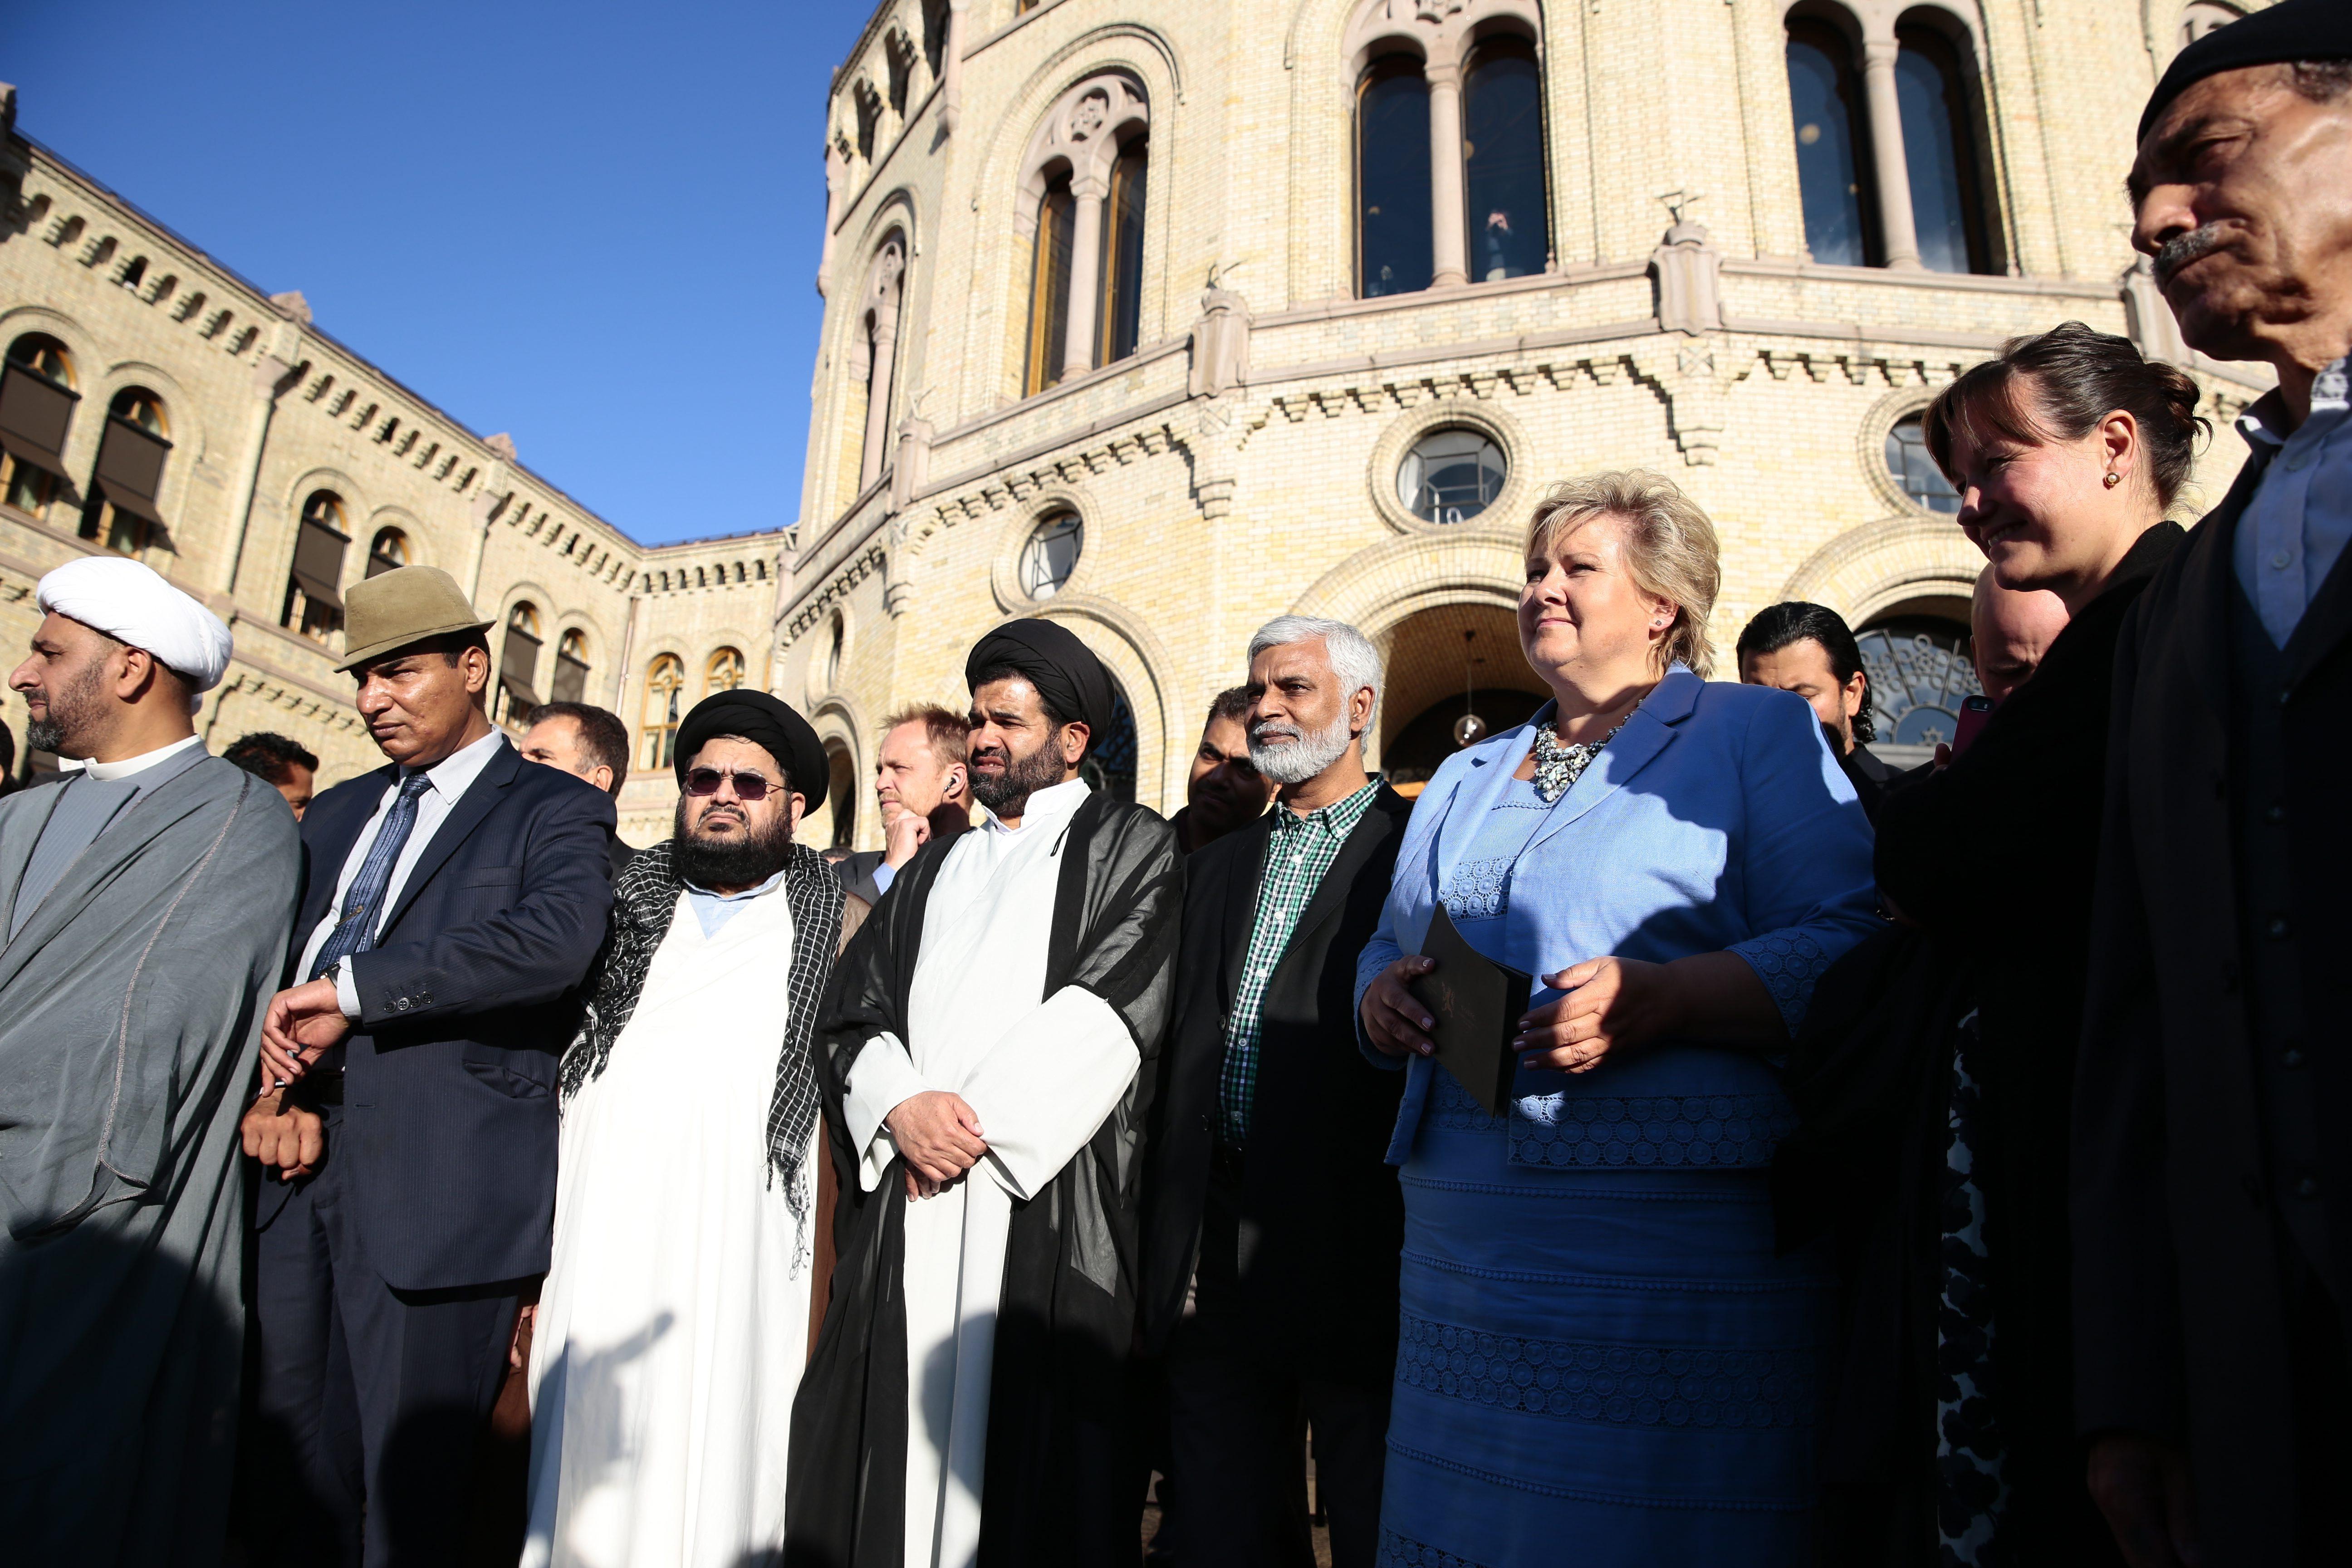 Islam In Norway: Norwegian Muslims Rally Against Islamic Militants